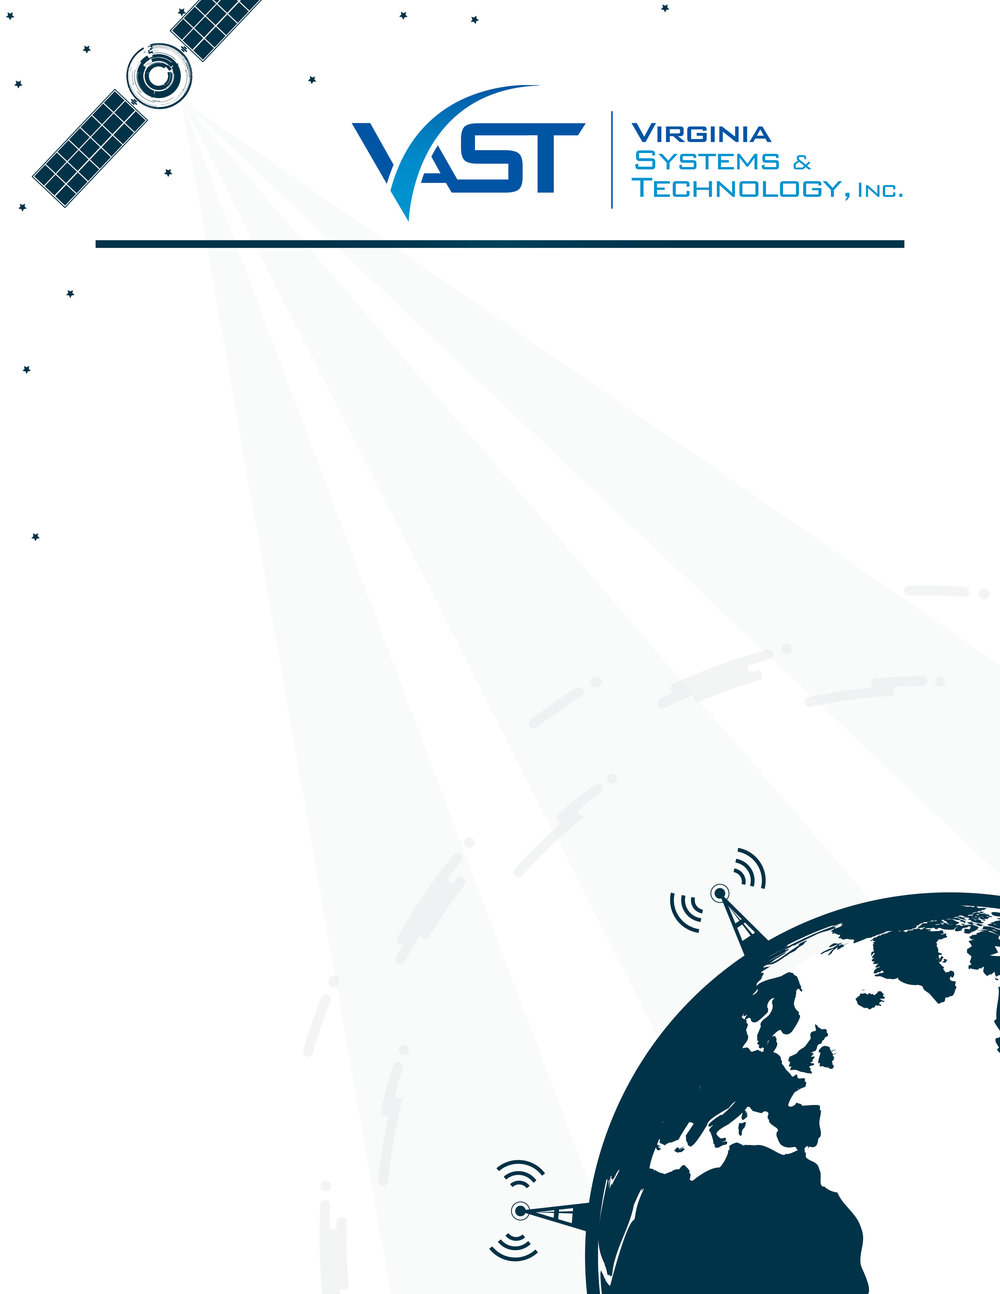 VST_180401_Proposal Cover4.jpg